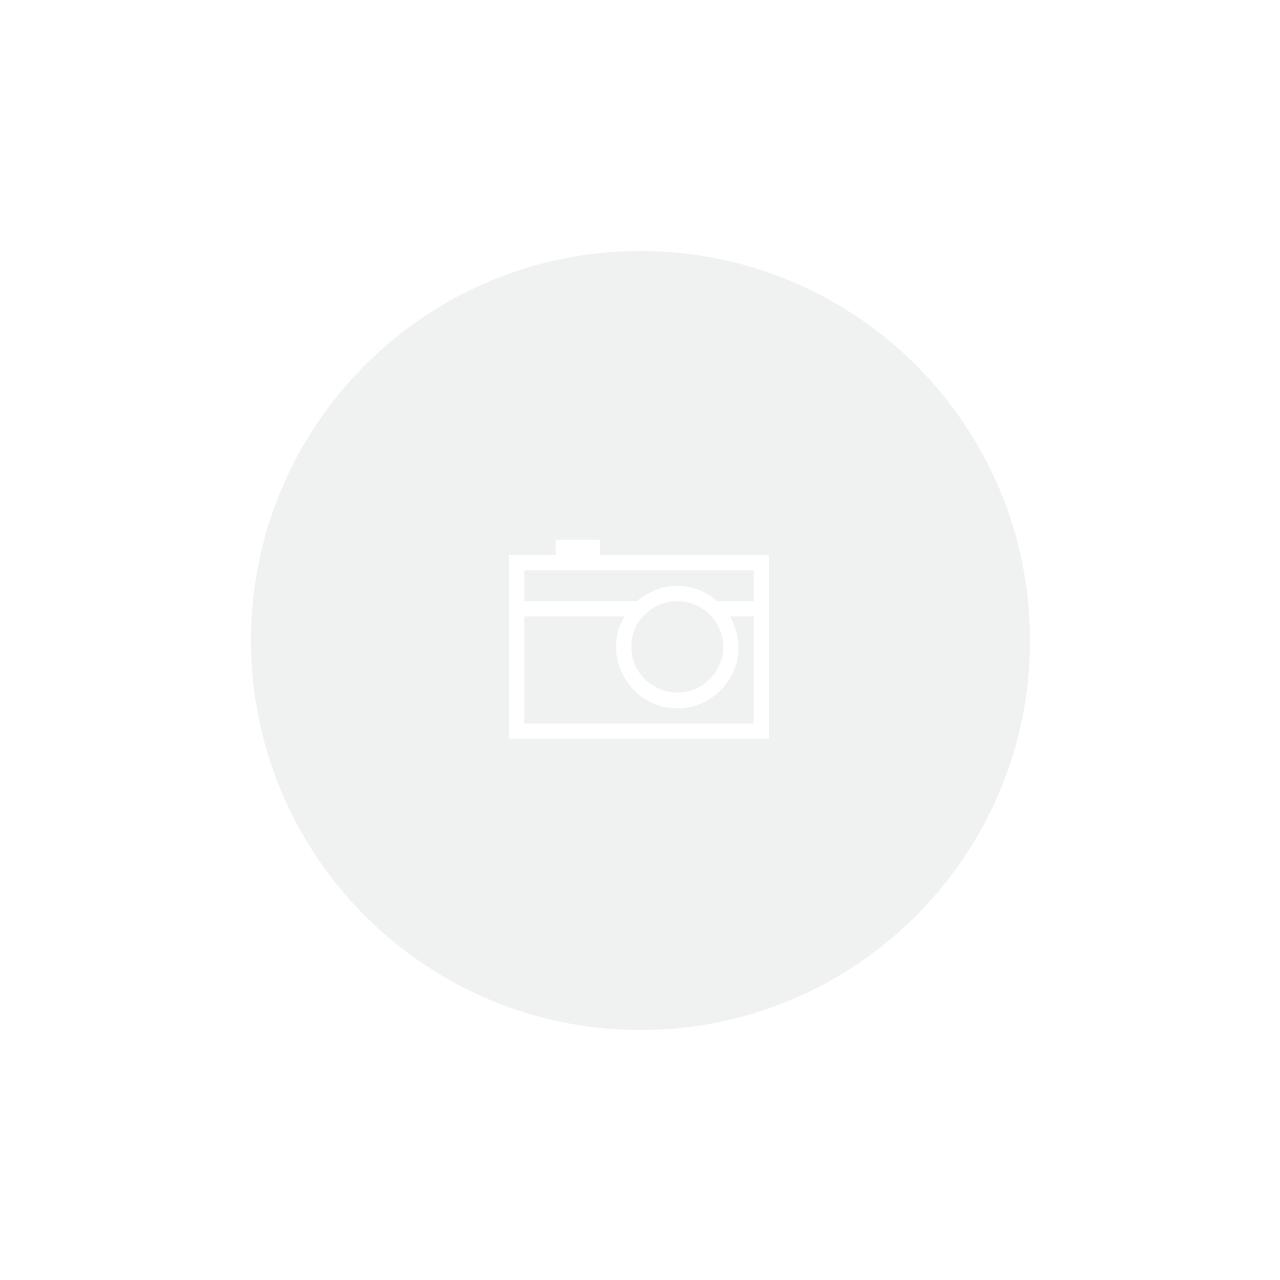 Relé de Estado Sólido Trifásico 40A - SSR3-4840